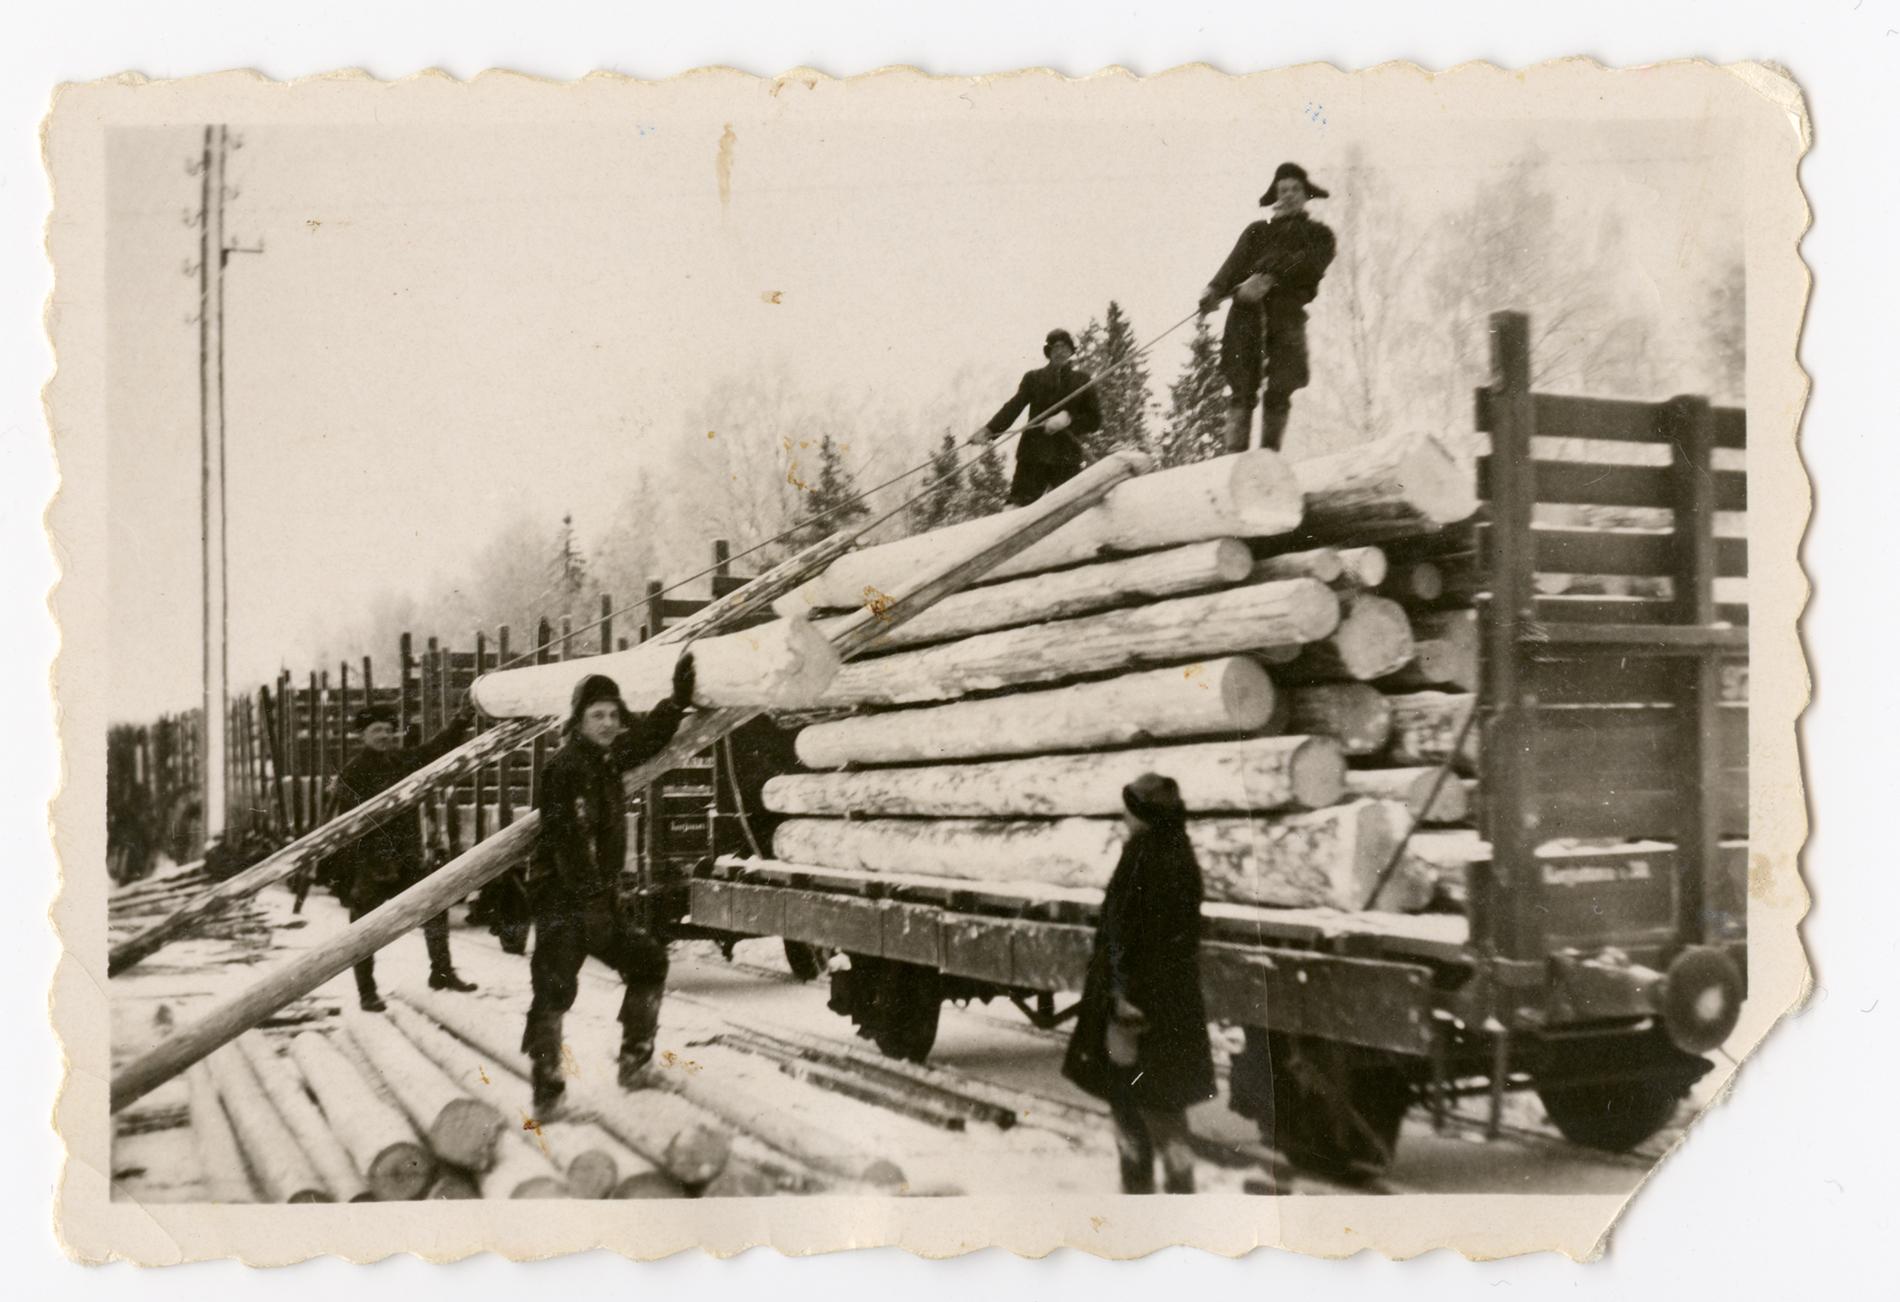 Toivo Hussi, Kalle Reiman, Otto Sakura, Herbert Savikorpi lastaamasa paaluja junanvaunuun Kanneljärvellä vuonna 1933. SKS KRA. Kuvaaja: tuntematon